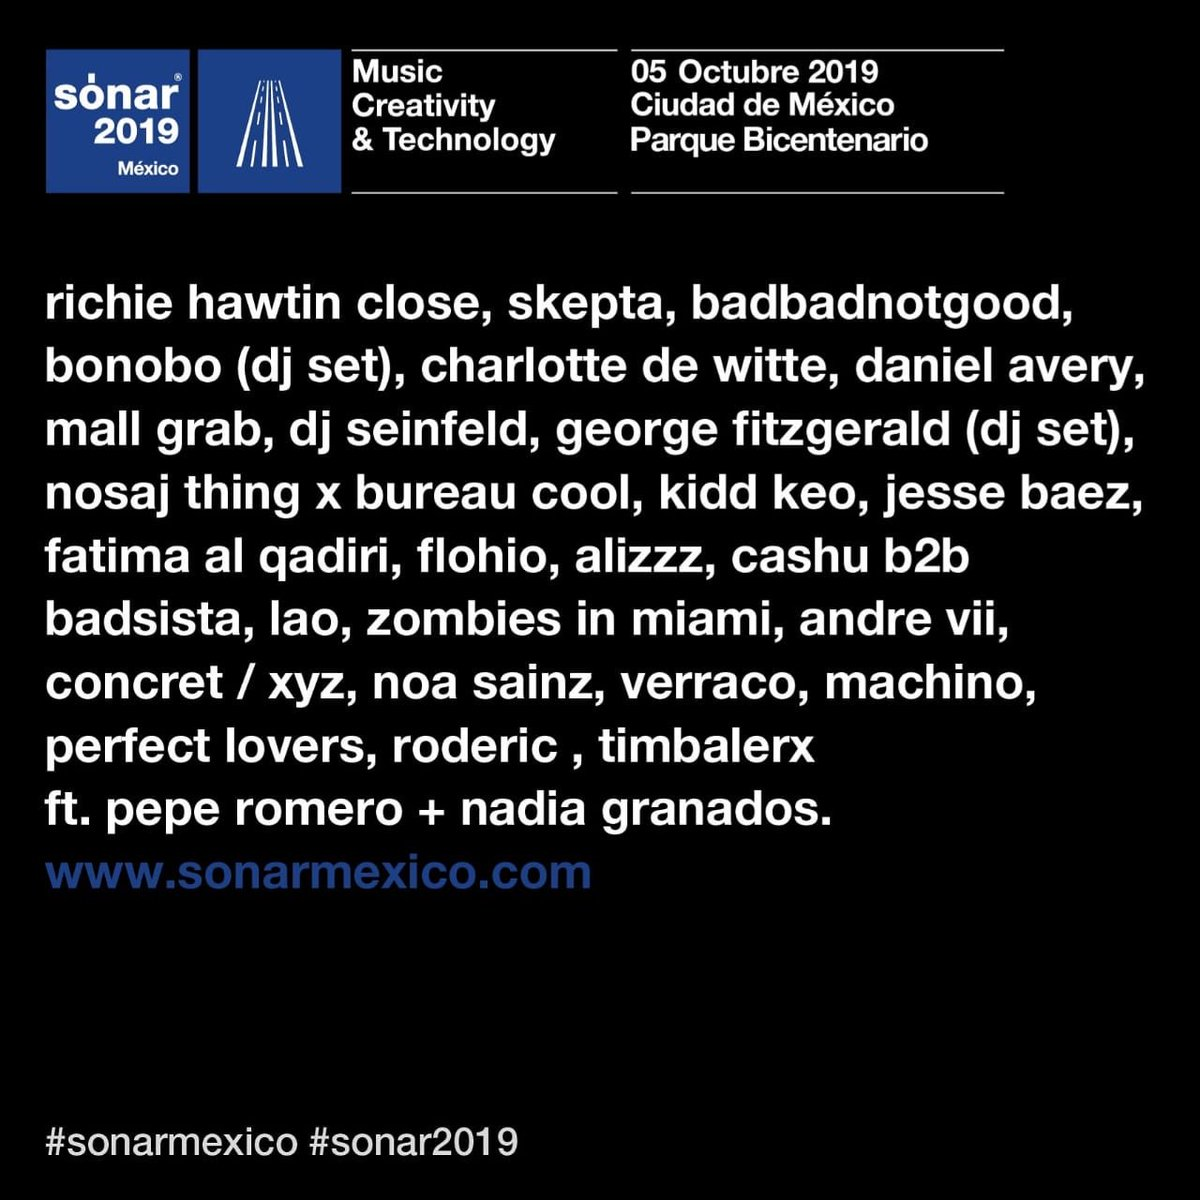 ¡Electrónica, hip hop y performance en #sonarmexico! 5 de Octubre en @parquebicentenariomx Boletos disponibles en la red Ticketmaster y taquilla del Parque Bicentenario. http://bit.ly/SonarMxBoletos